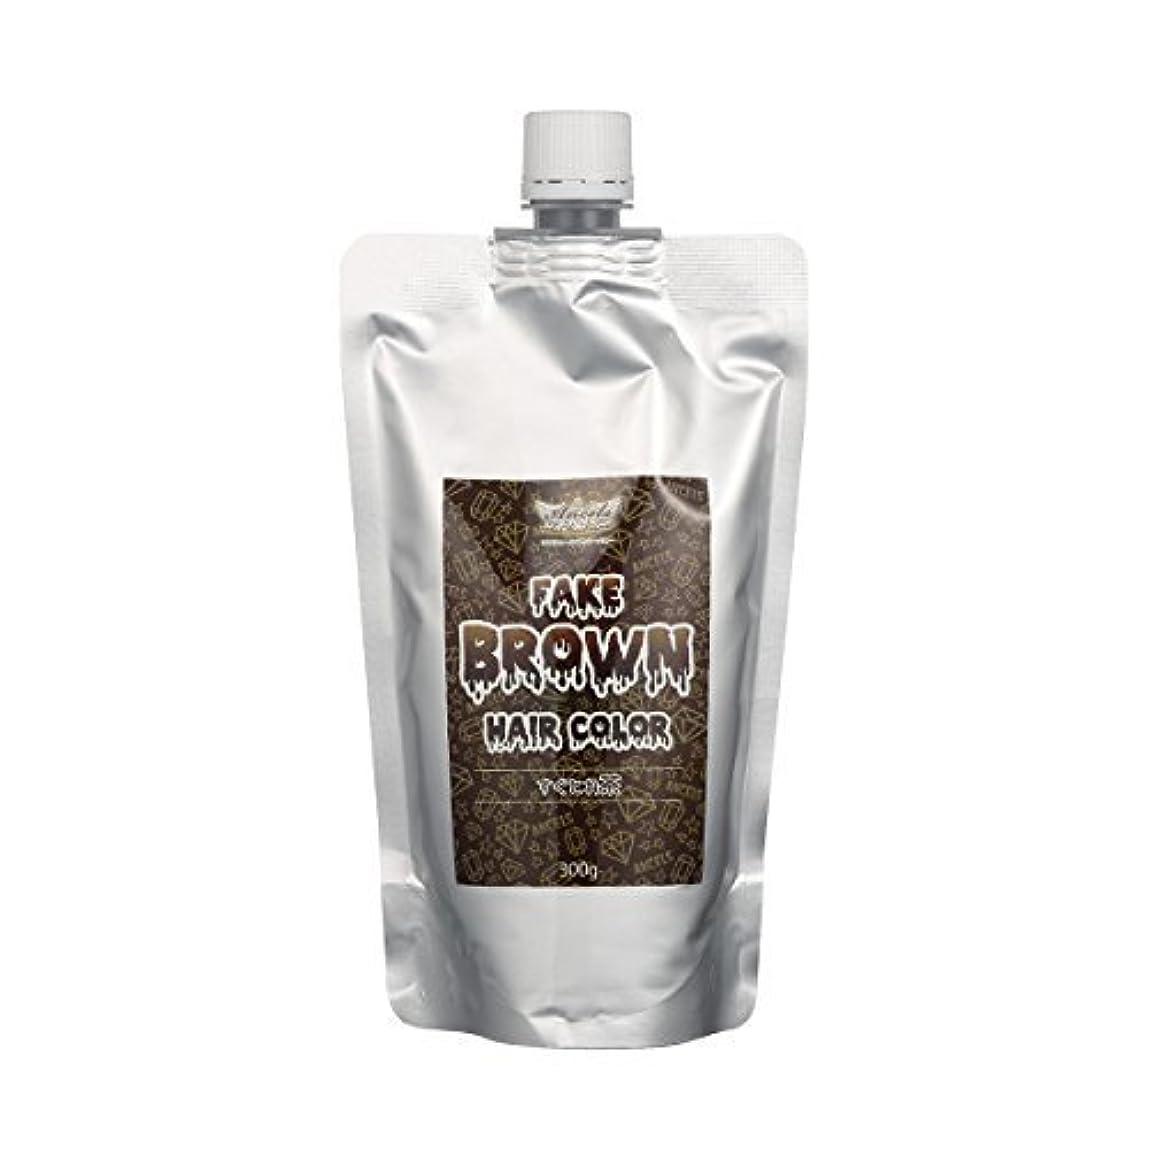 農業和買い手エンシェールズ カラーバター すぐとれ 茶 300g